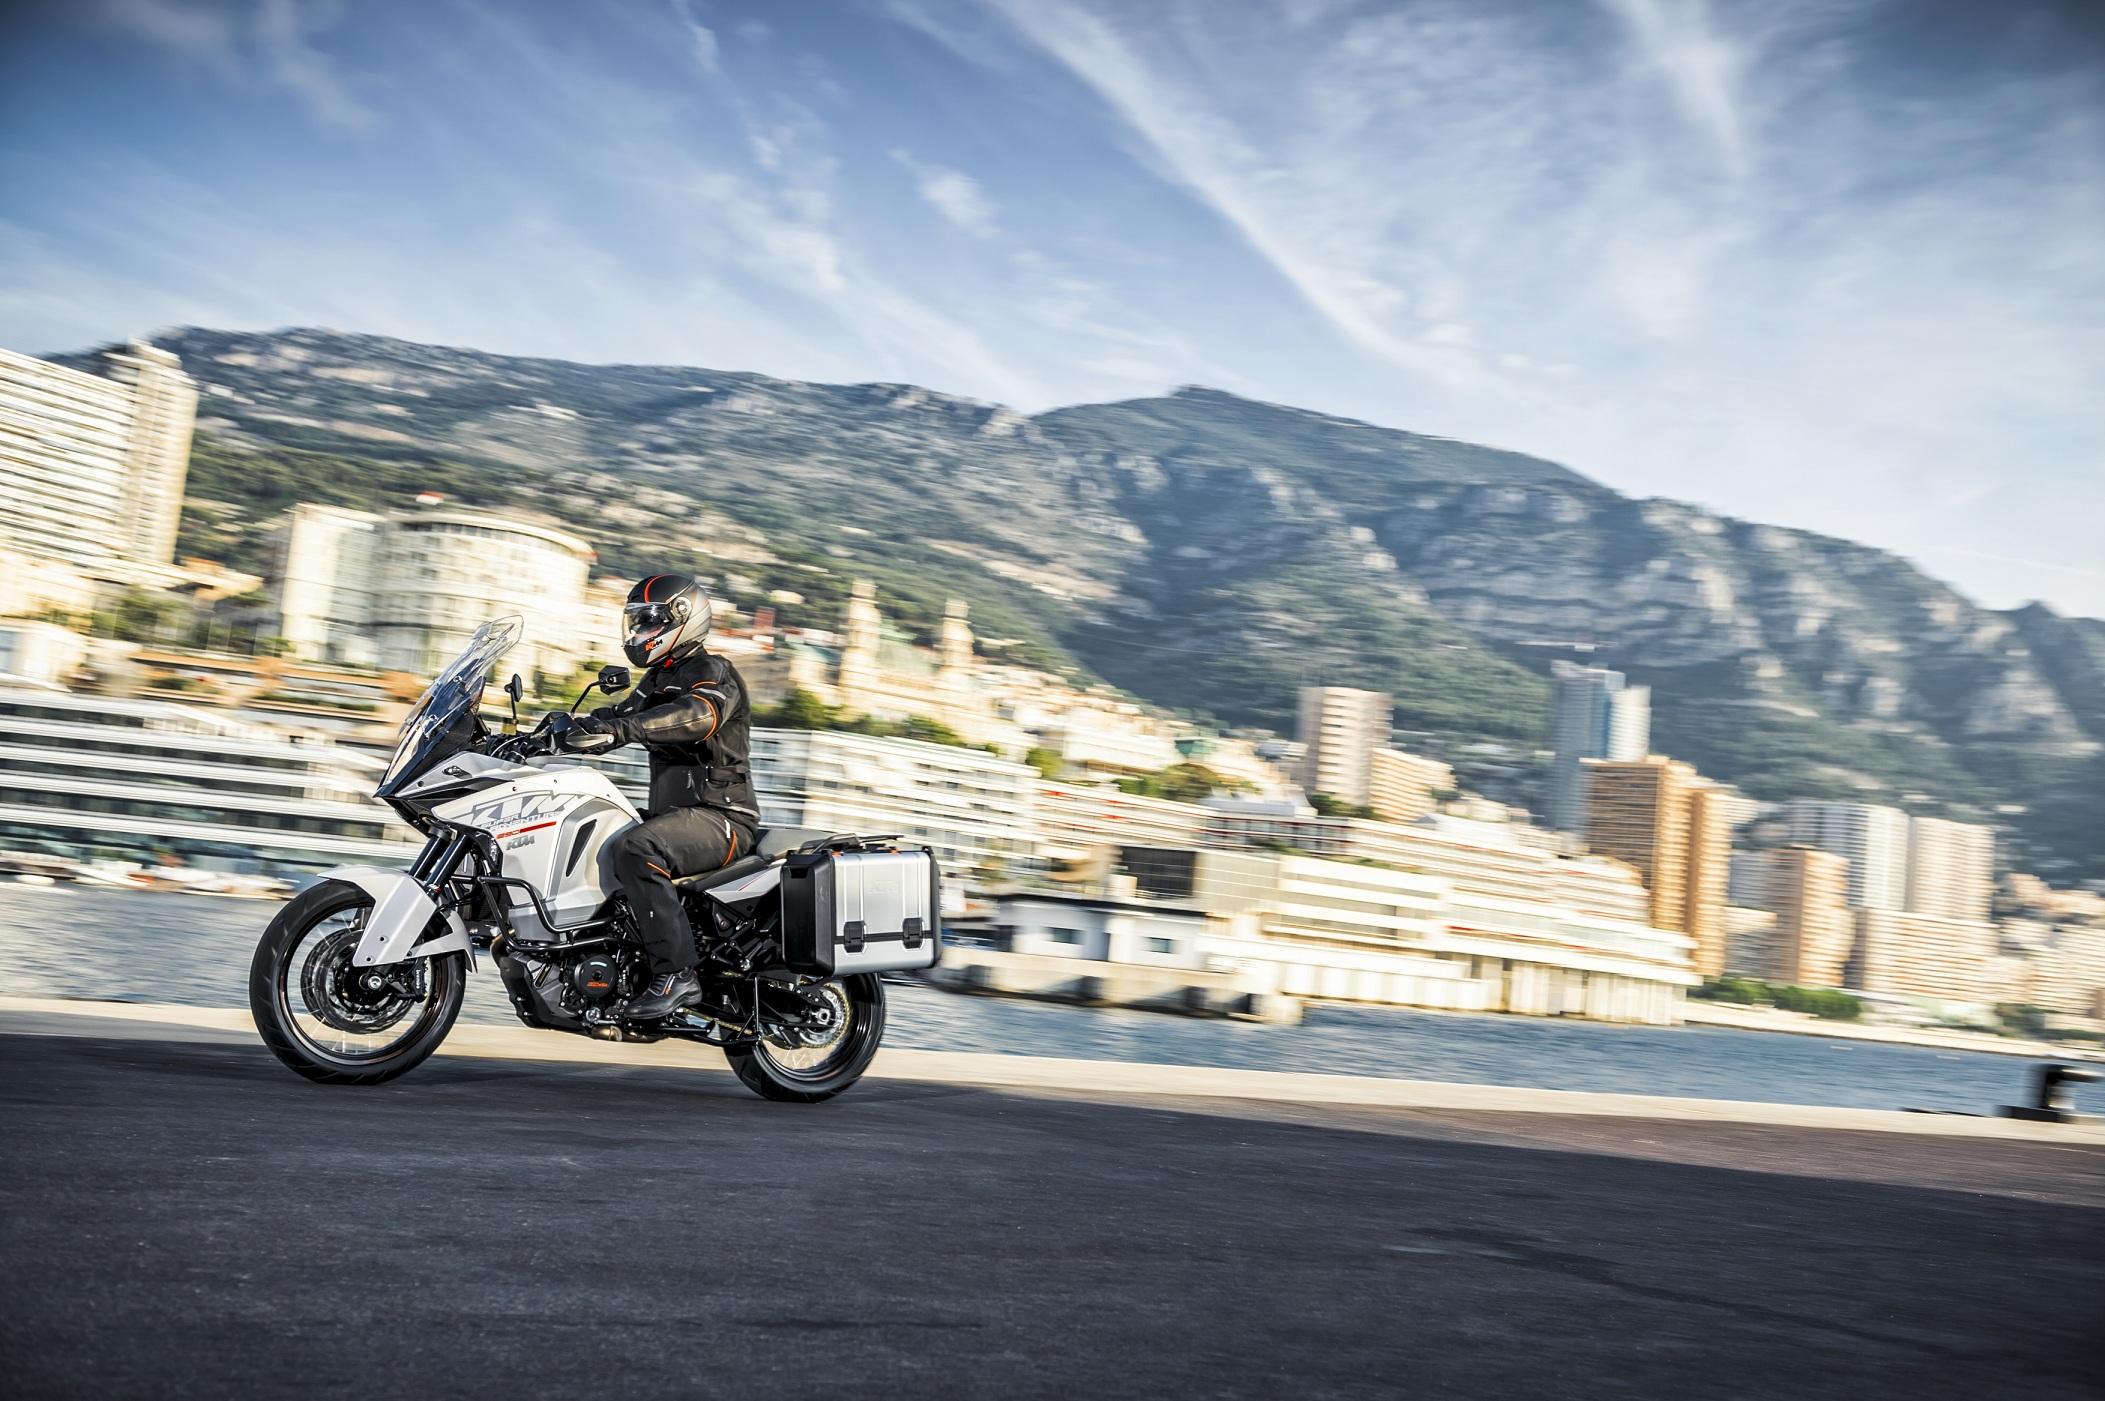 Intermot 2014: KTM 1290 Super Adventure unveiled